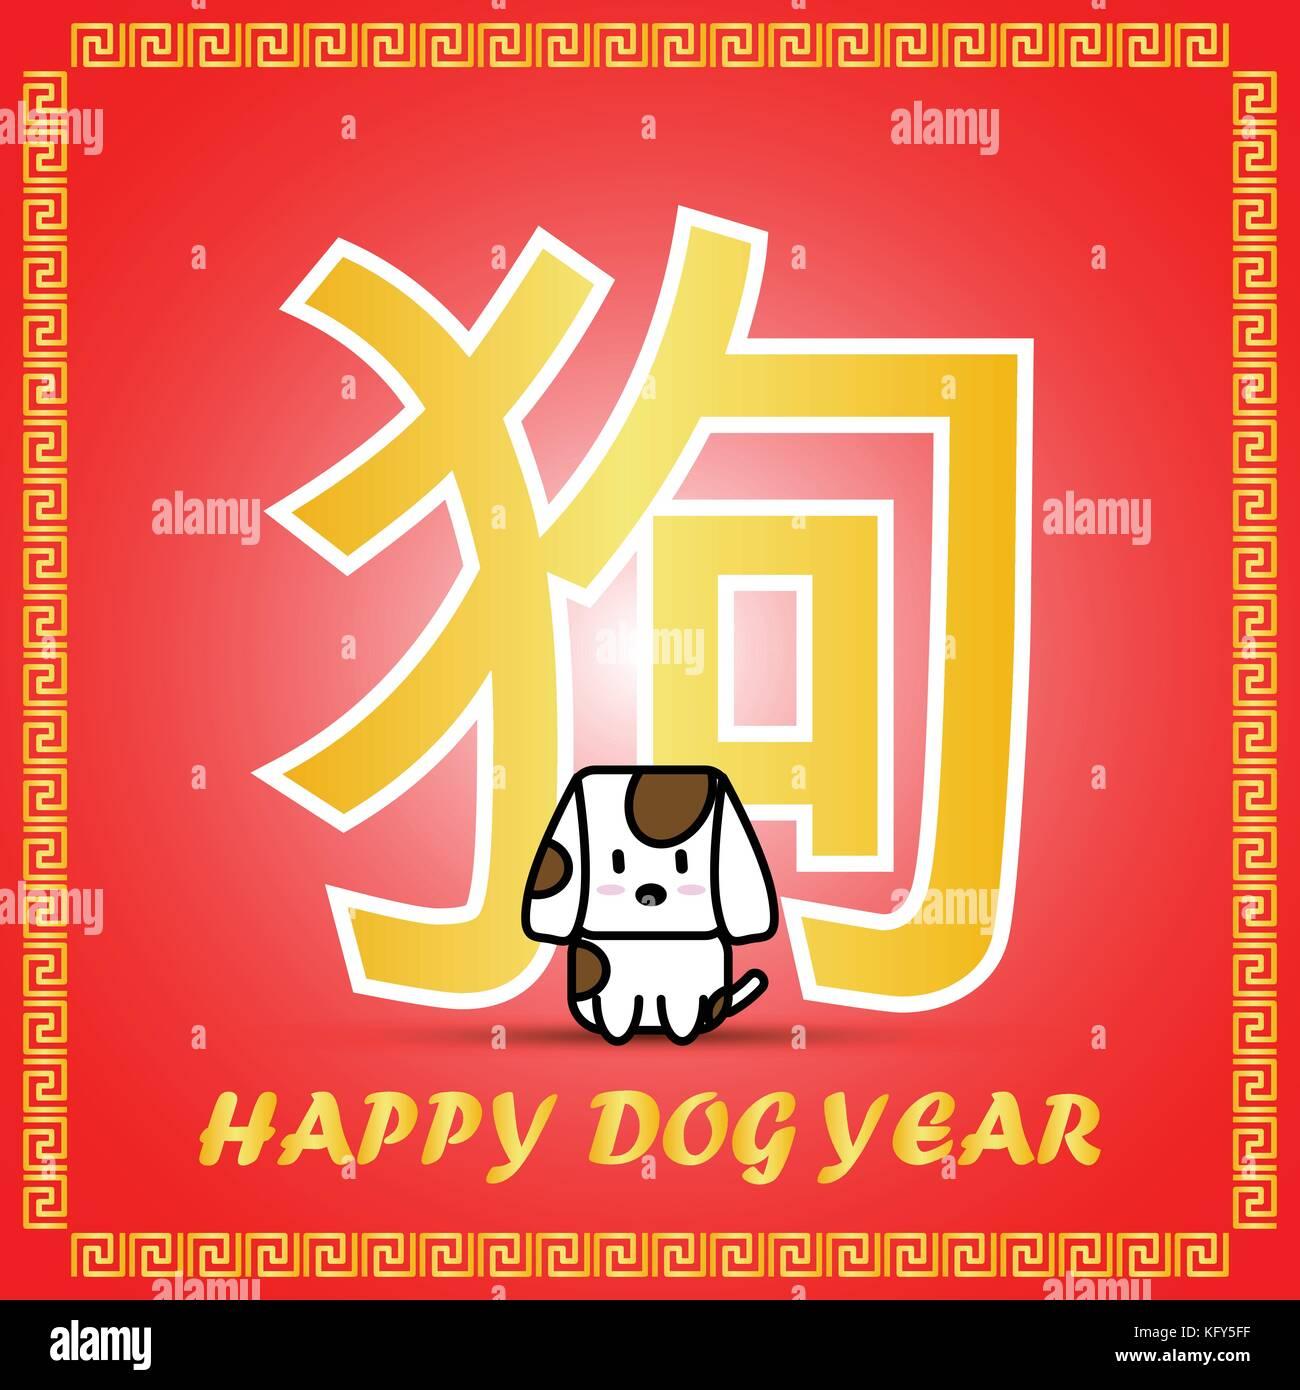 Calendario Zodiacale Cinese.Grande Golden Parola Cinese Simbolo Icona Del Zodiaco Cinese